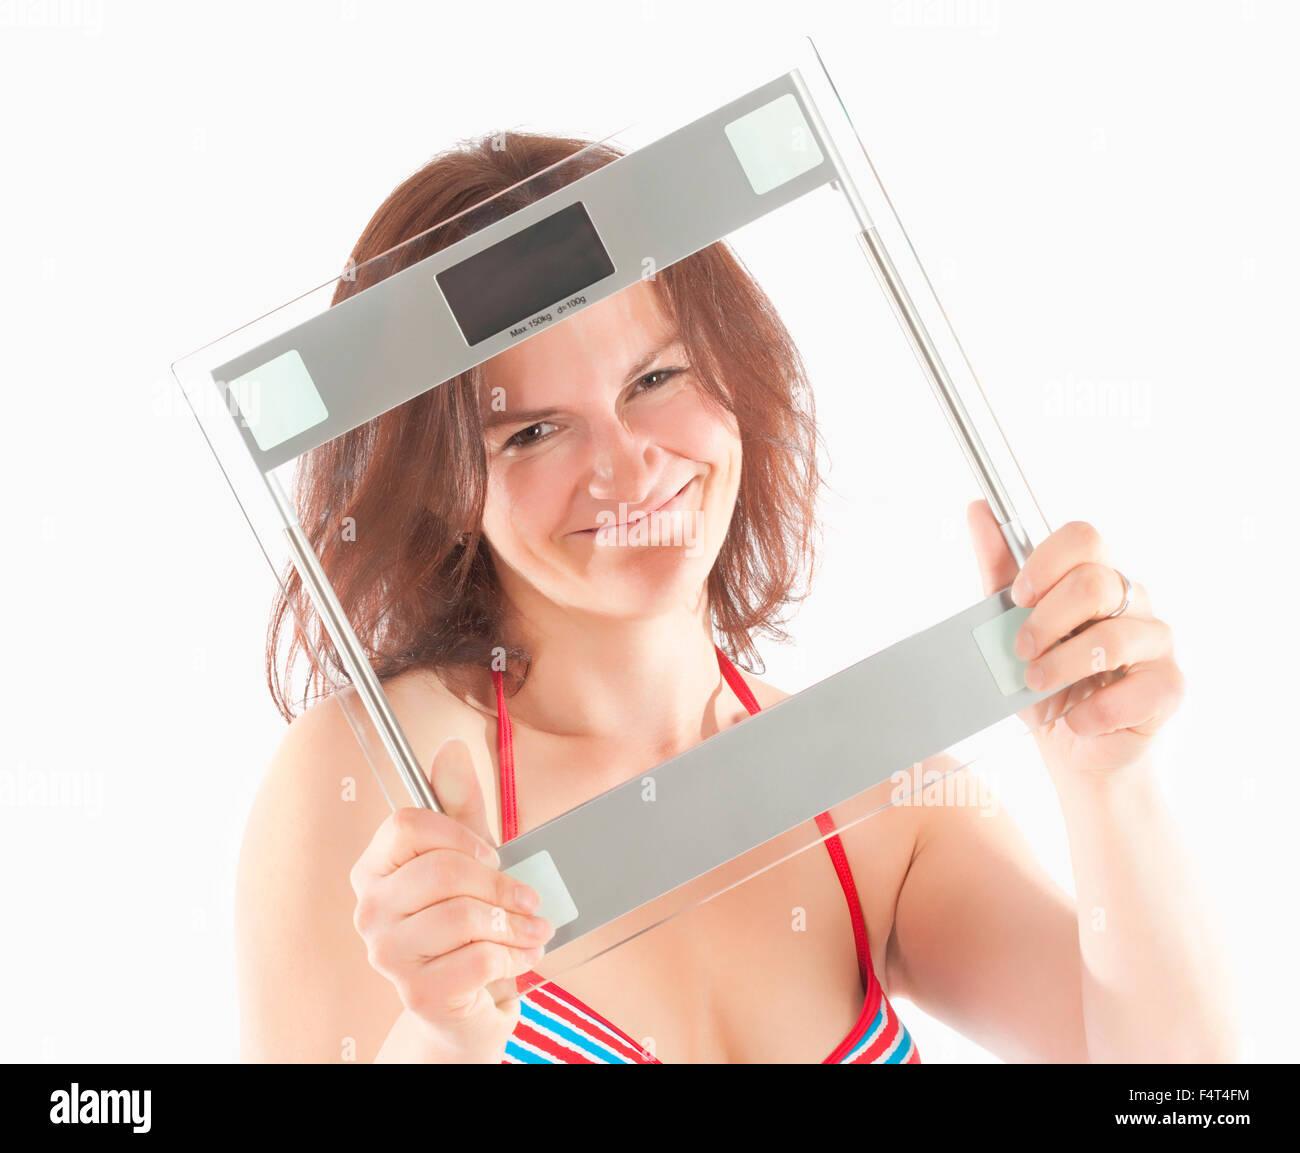 Woman in Bikini Swimwear Holding Scale - Stock Image